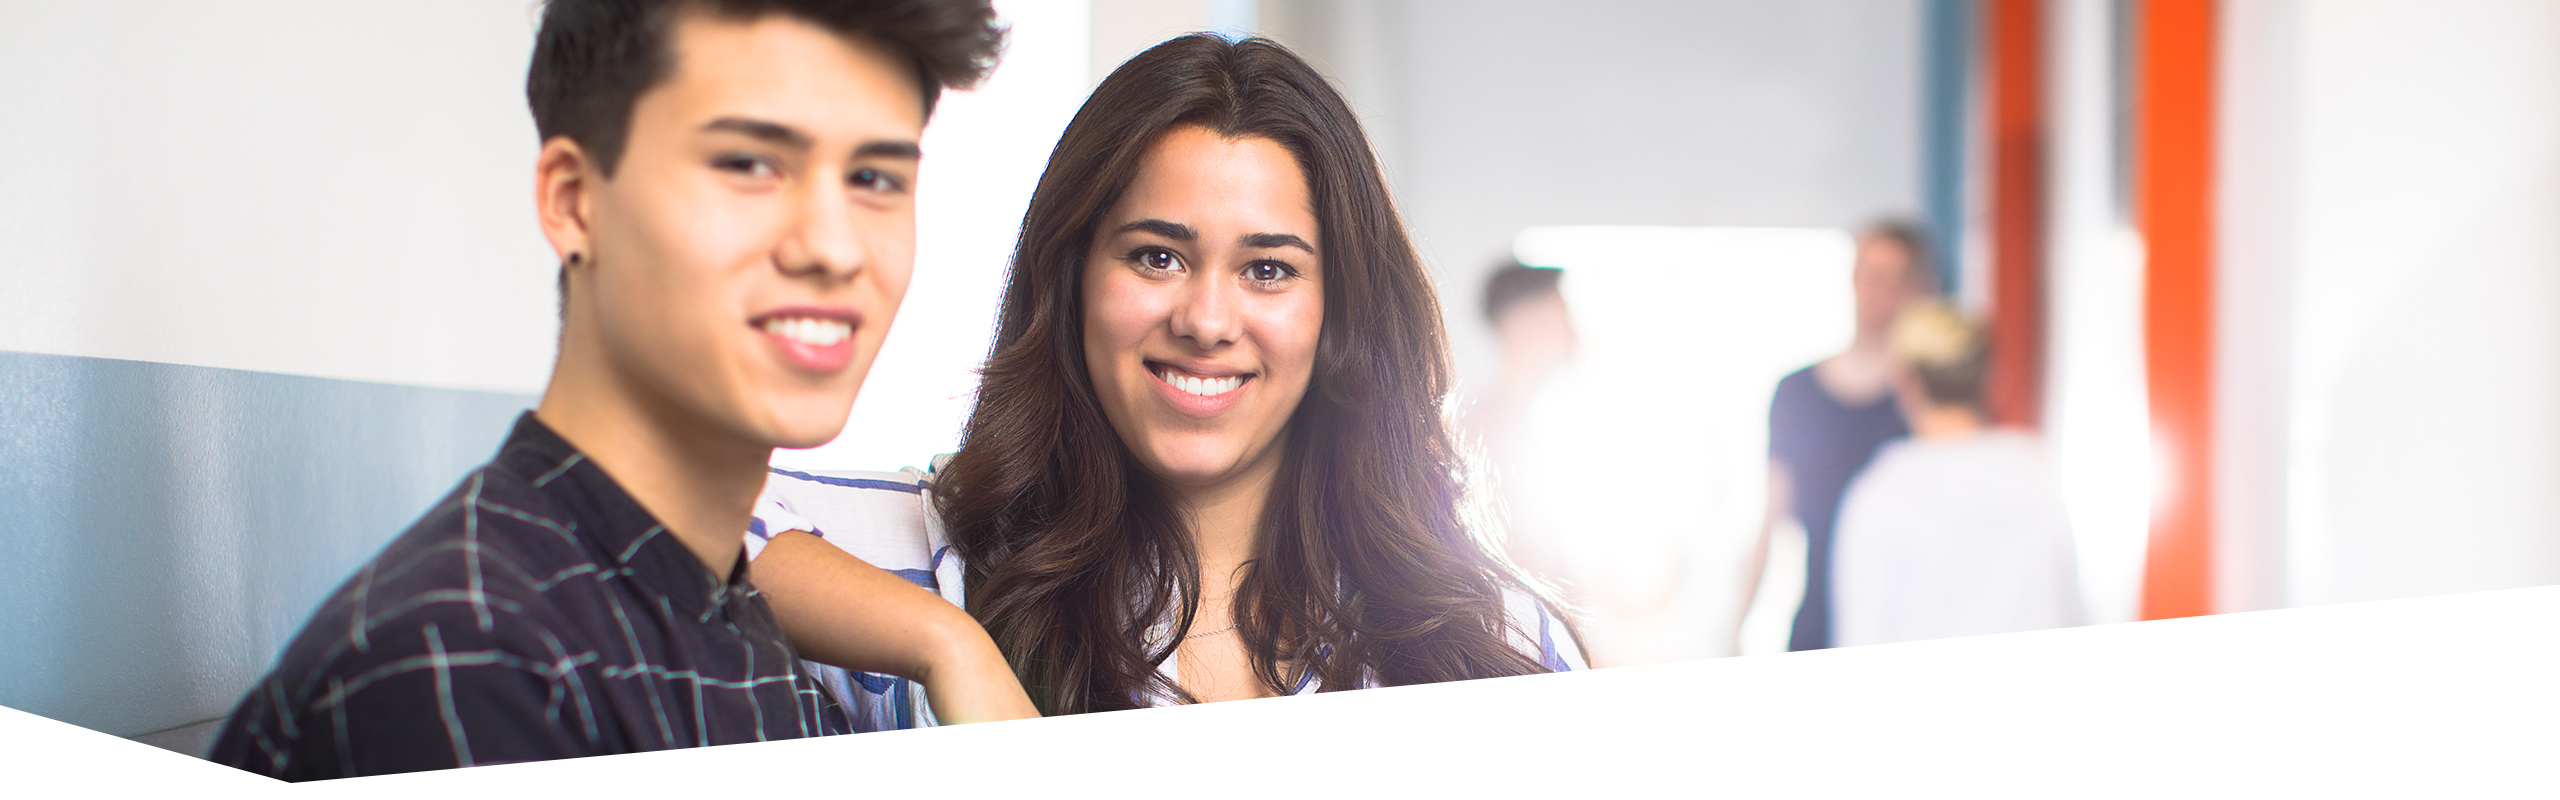 Gesicht von jungem Mann und junger Frau, die Betrachter anlächeln, in der Ausbildung zum Kaufmännischen Assistenten